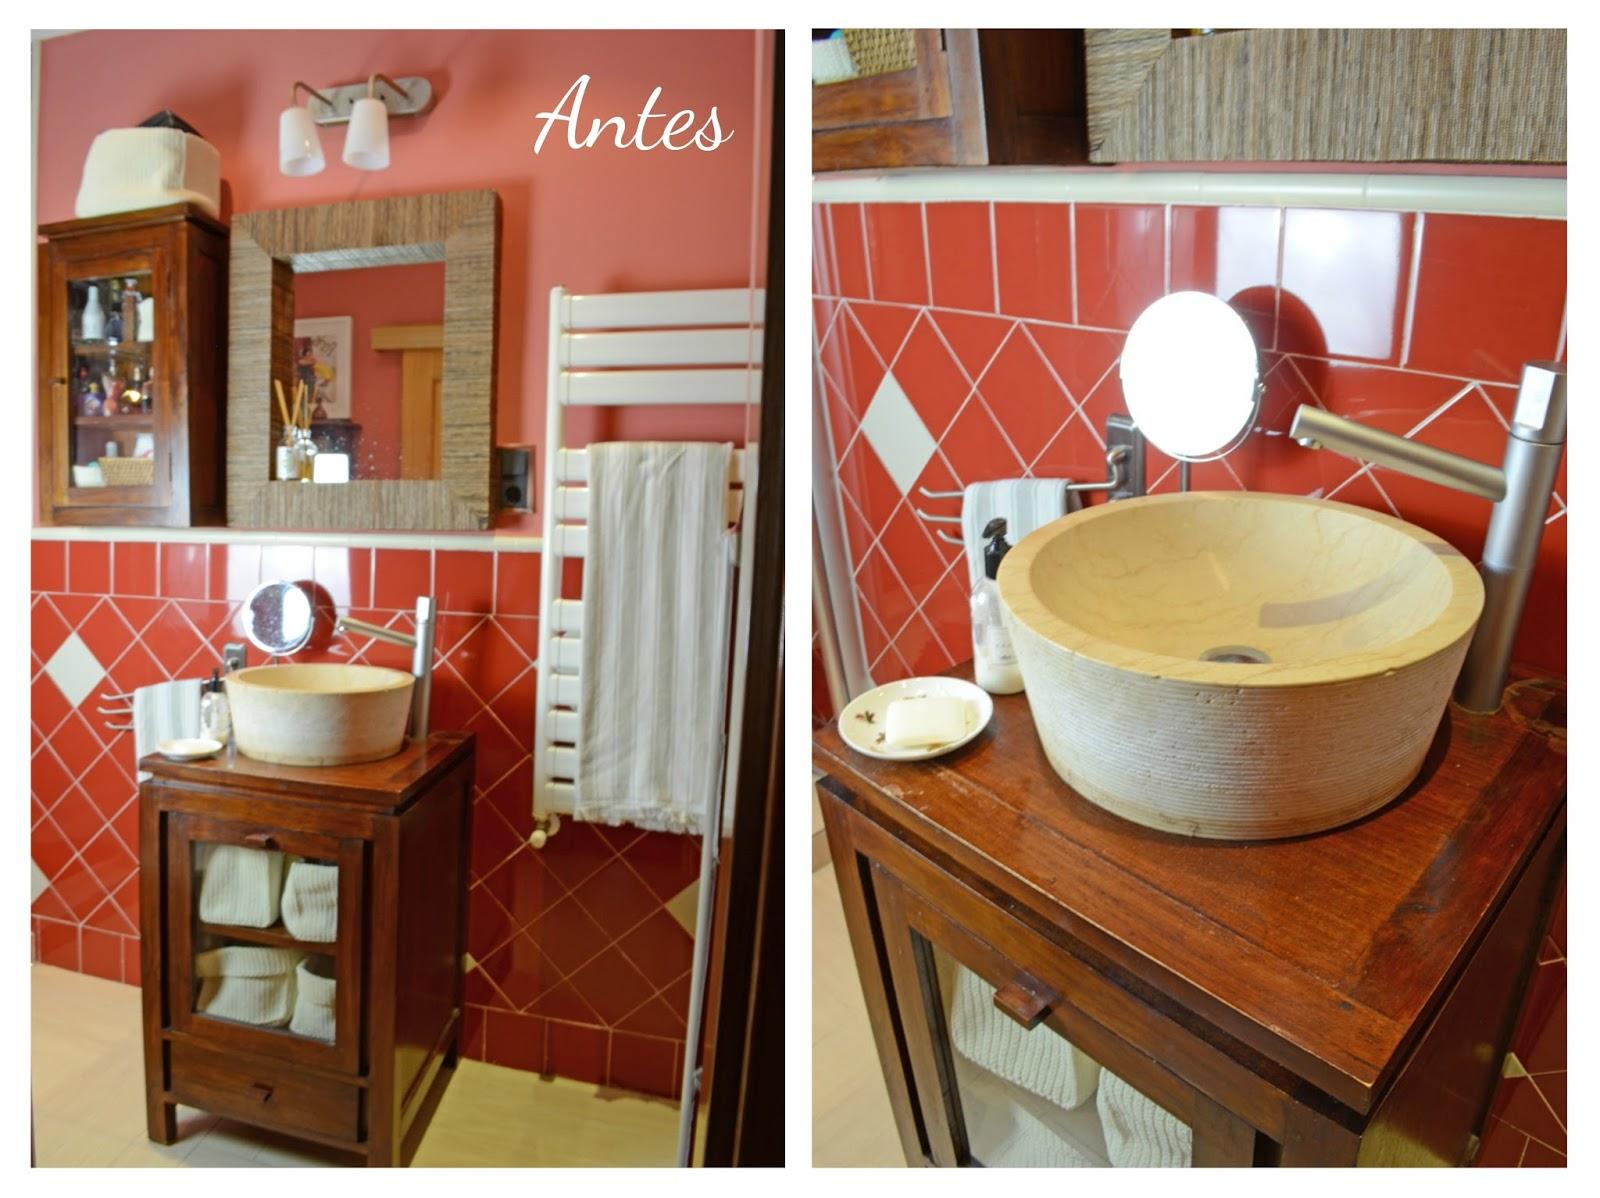 La reforma express de mi baño | Blog de decoración, DIY, ideas low ...